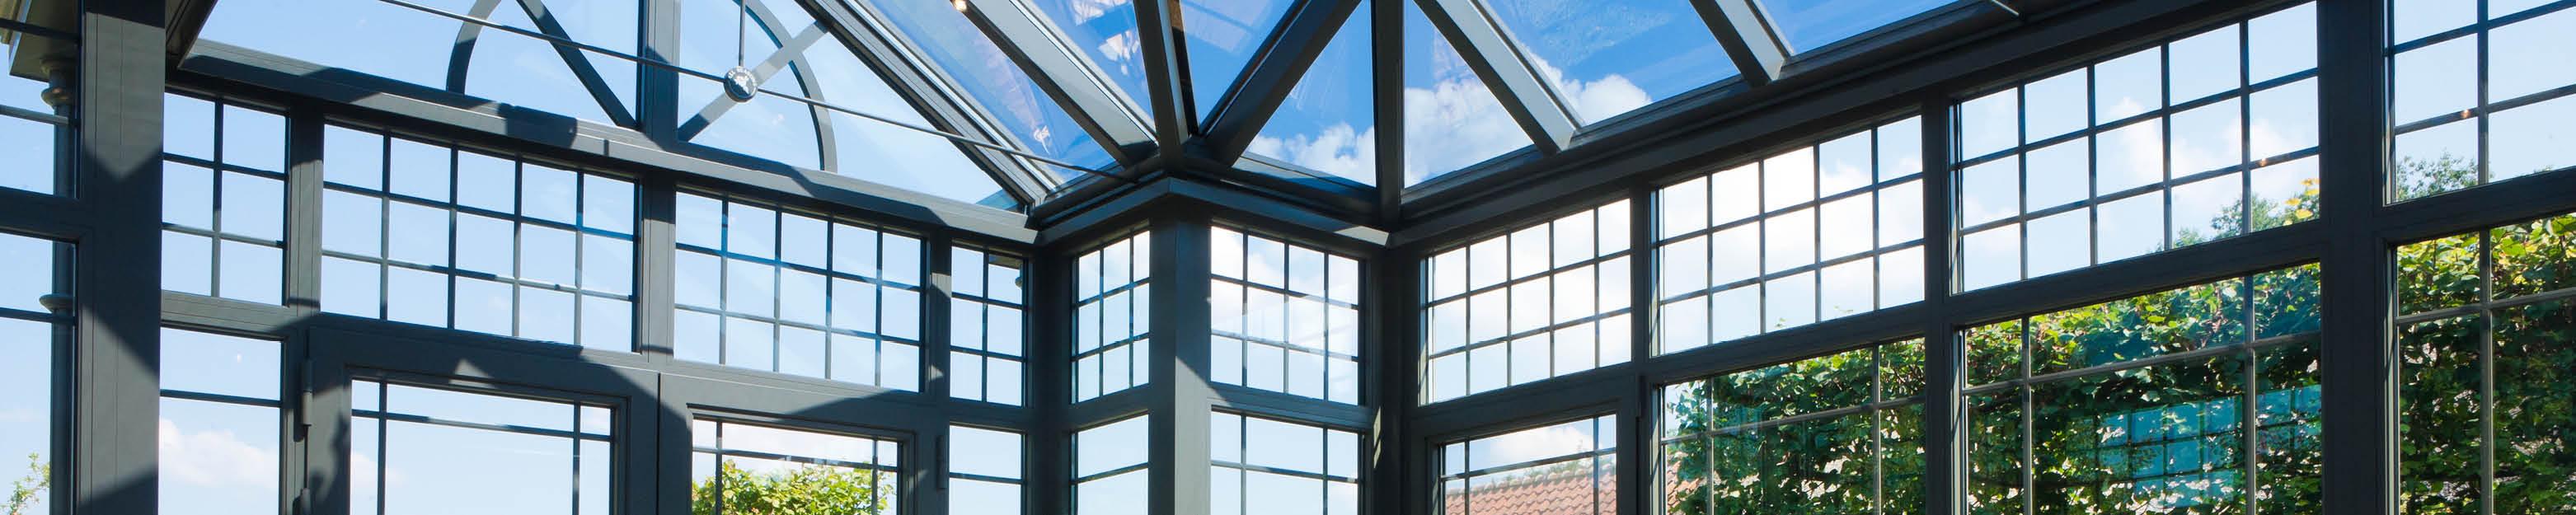 Veranda in glas